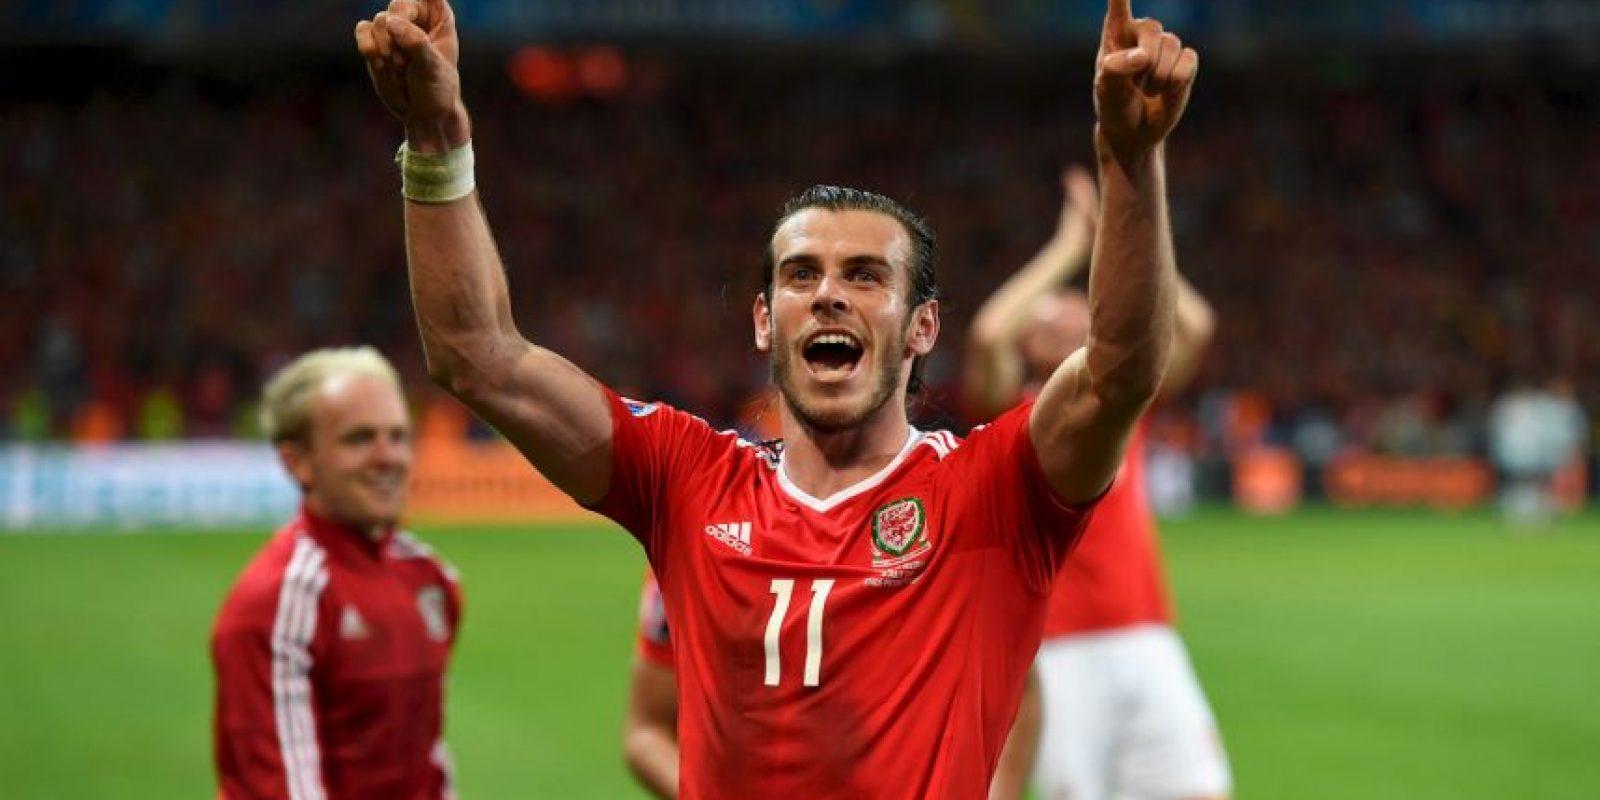 Gareth Bale encontró su mejor forma con su selección y es uno de los mejores jugadores del torneo Foto:Getty Images